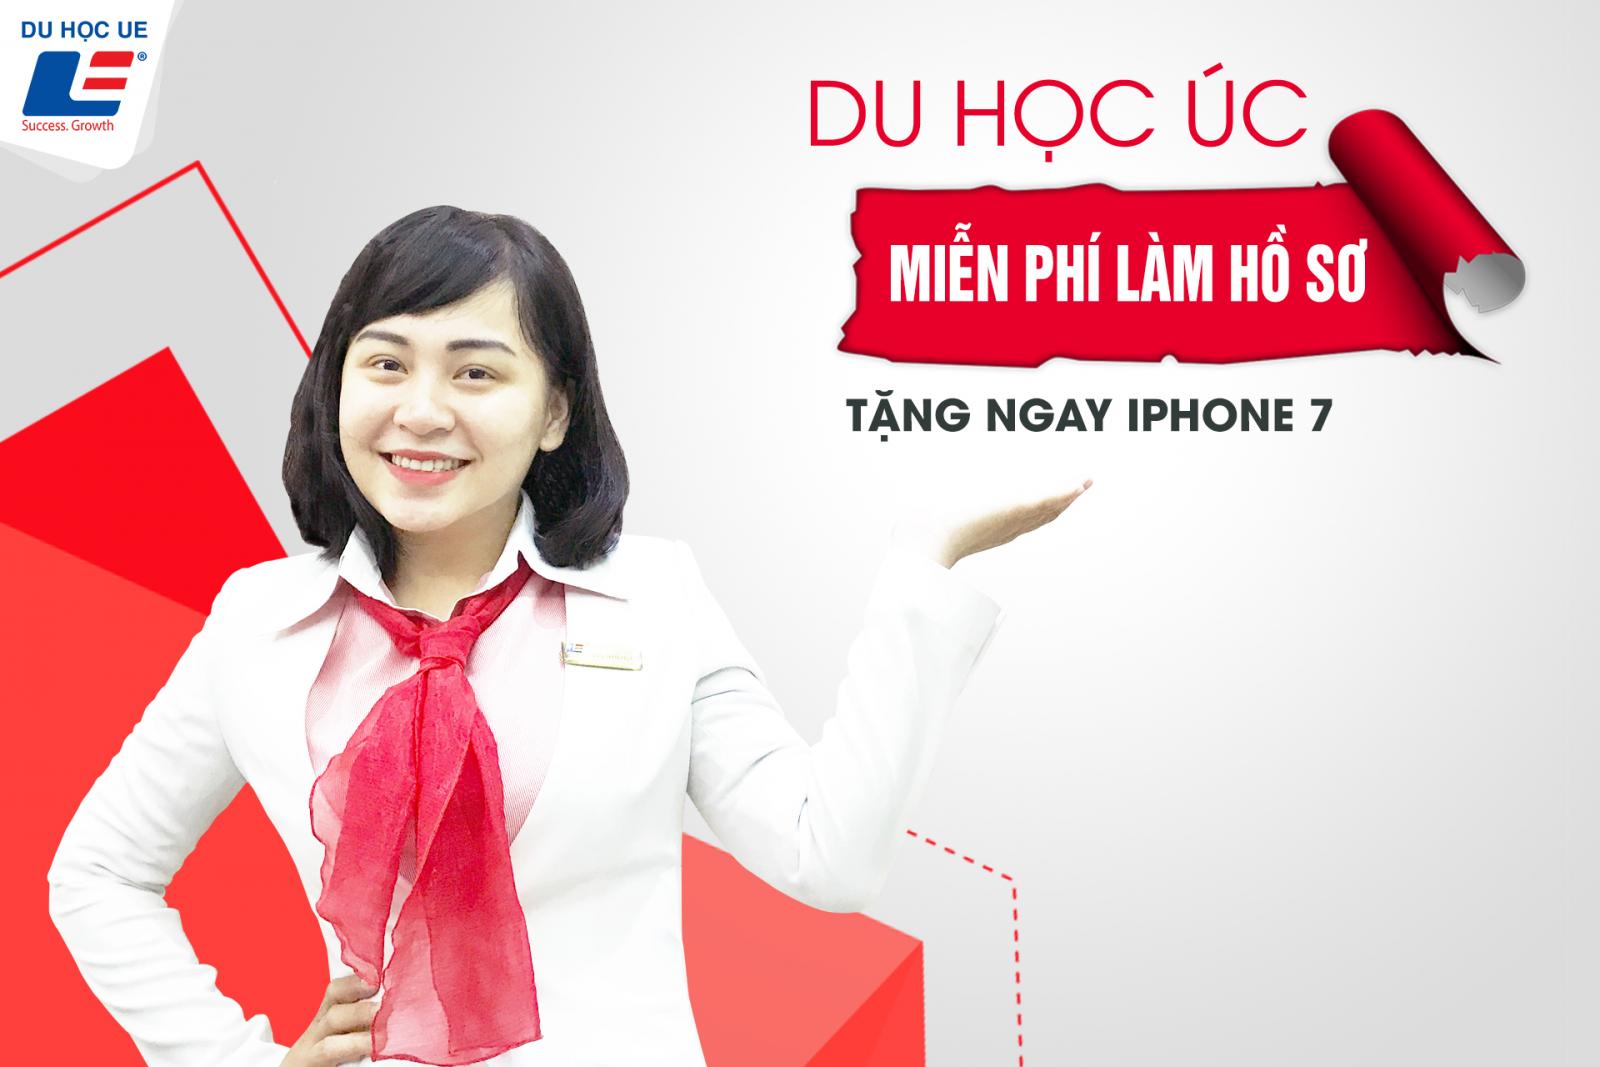 TIN VUI: GIA HẠN CHƯƠNG TRÌNH RINH IPHONE 7 KHI ĐĂNG KÝ DU HỌC ÚC